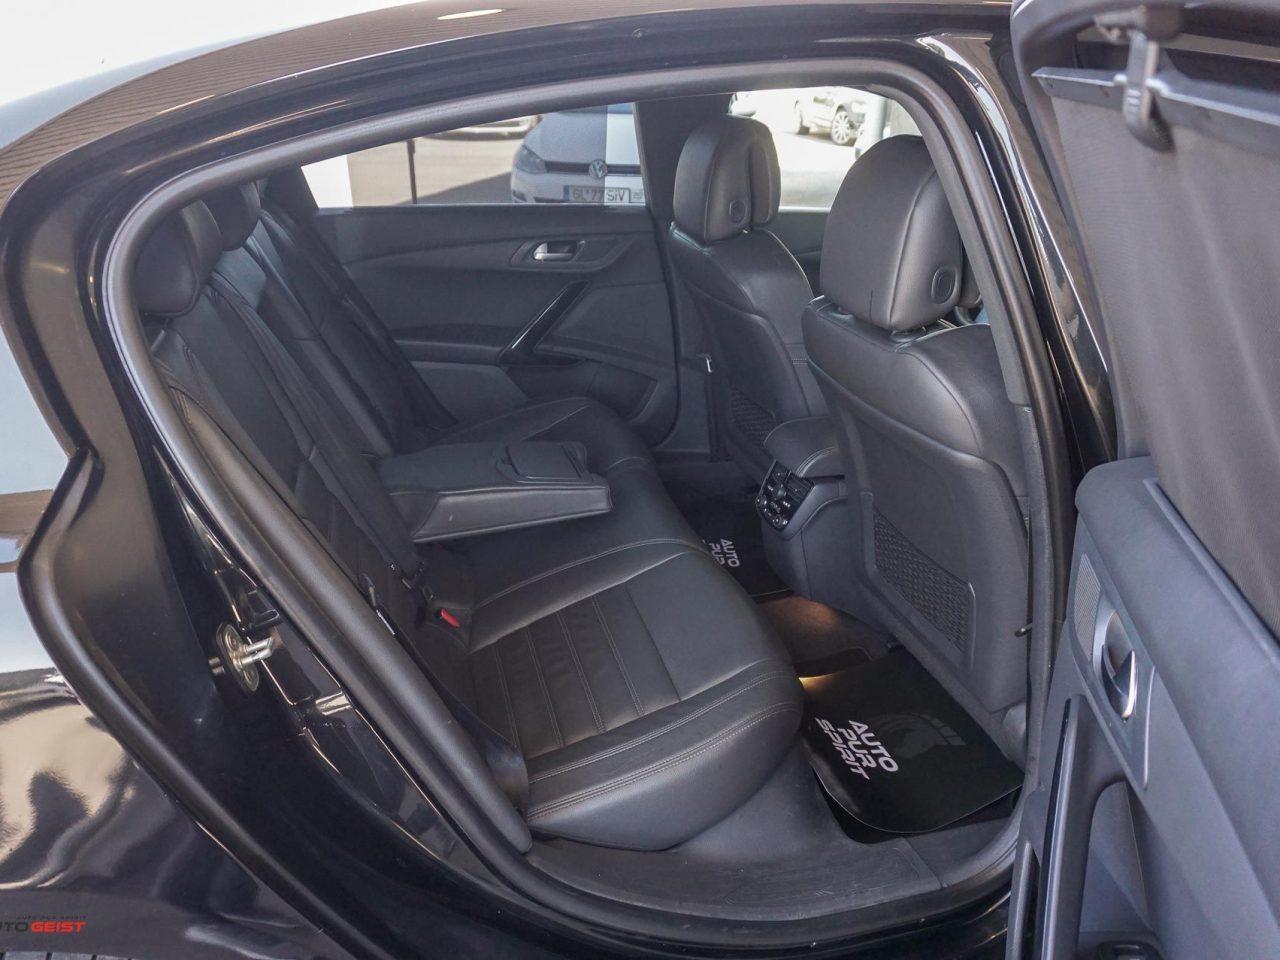 585-peugeot-508-sedan-negru-01746